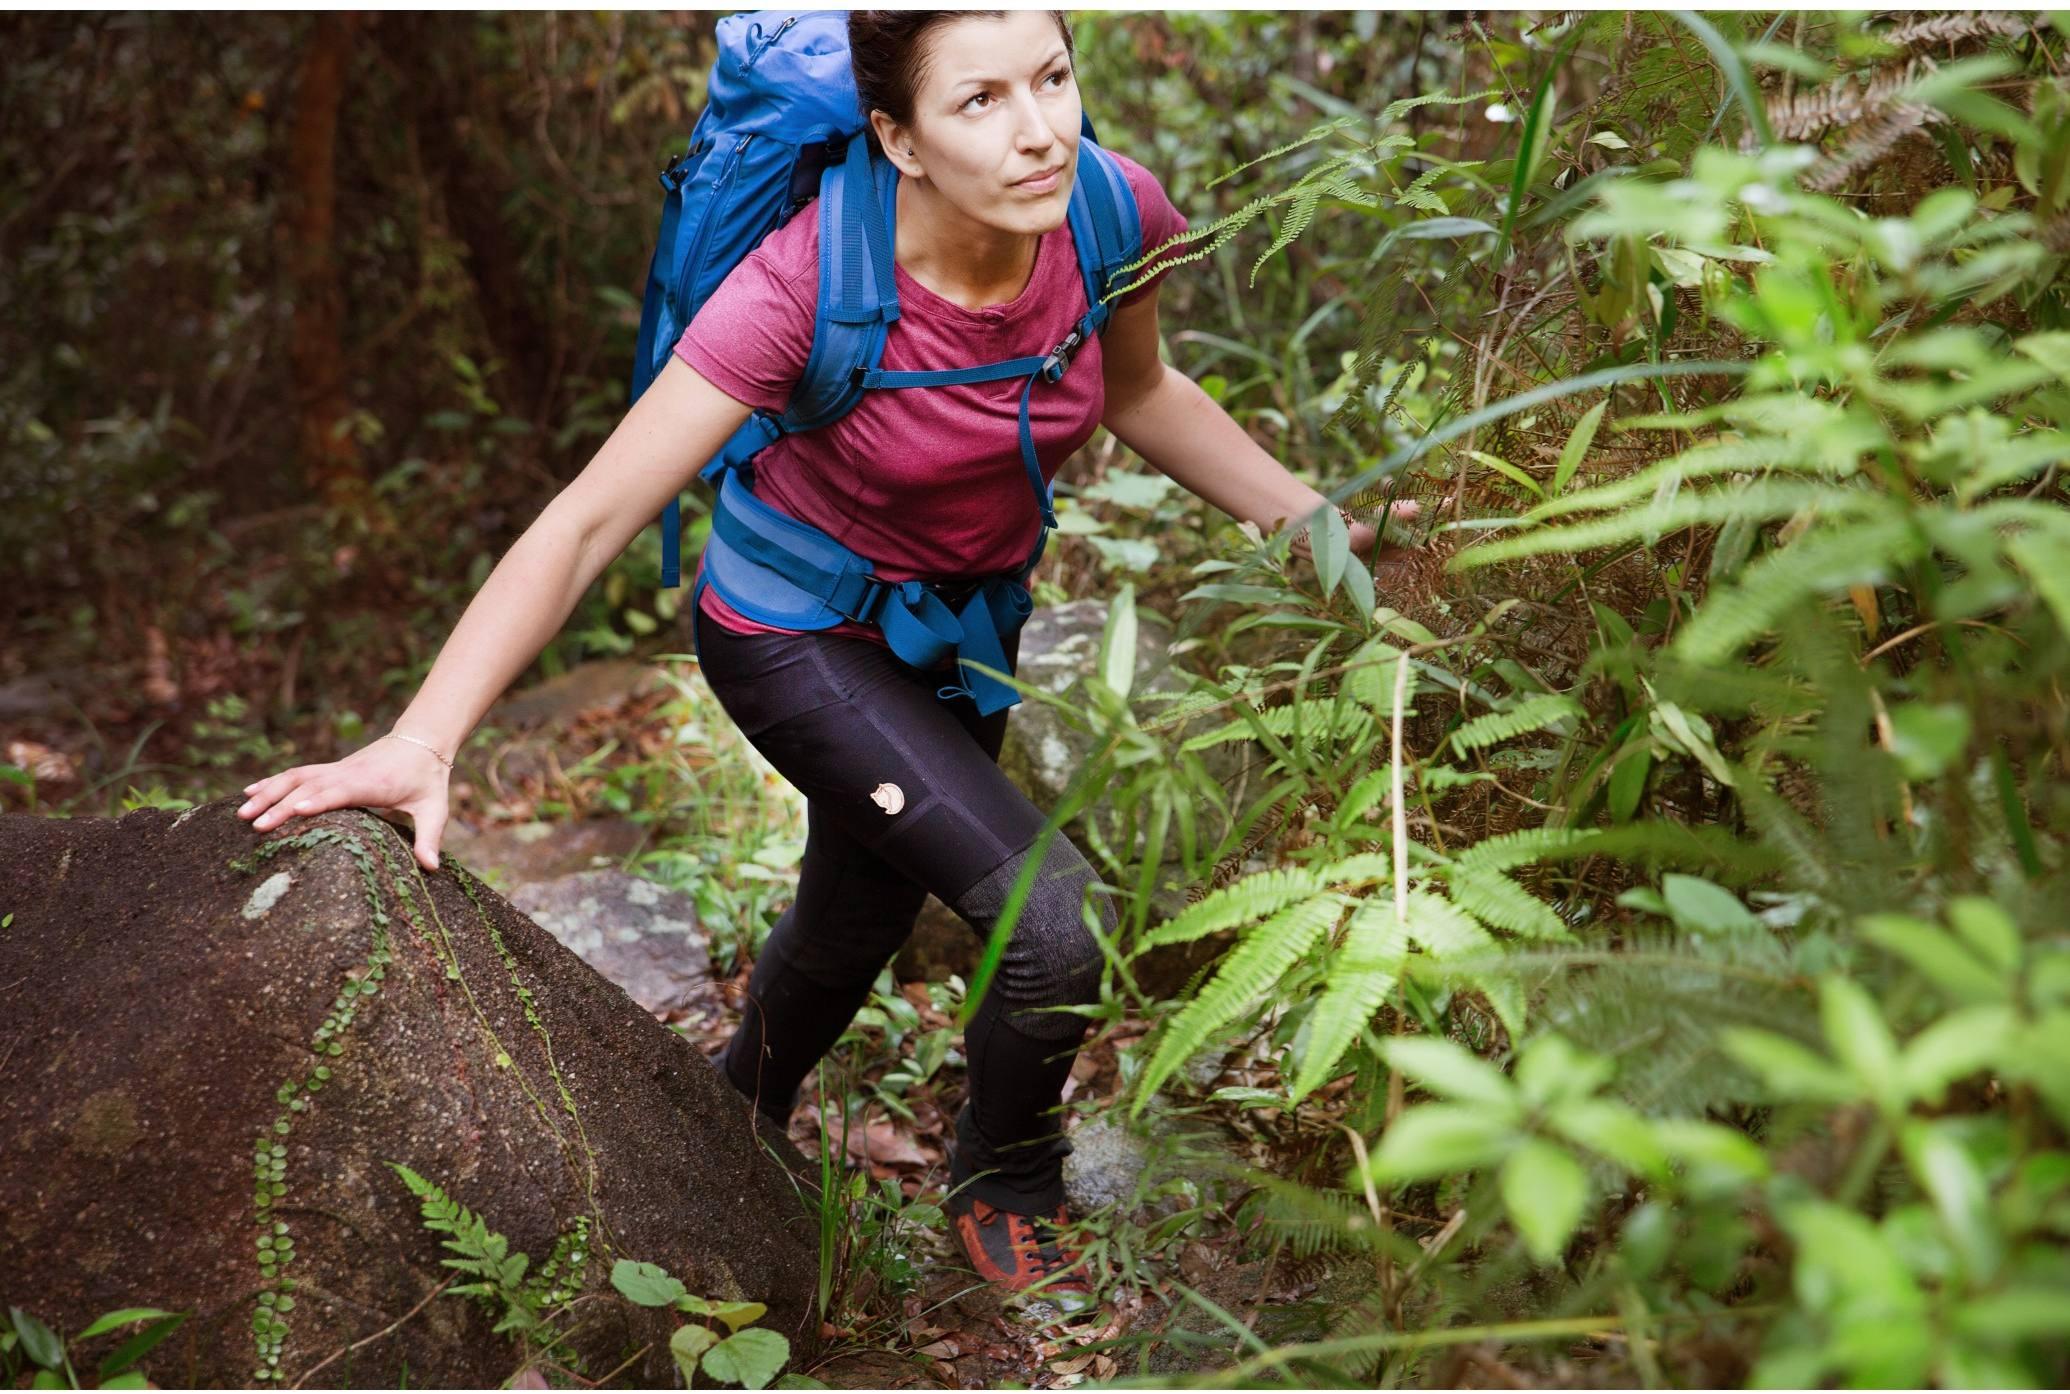 FJÄLL RÄVEN Damen Trekking-Tights Abisko NEU Weitere Sportarten